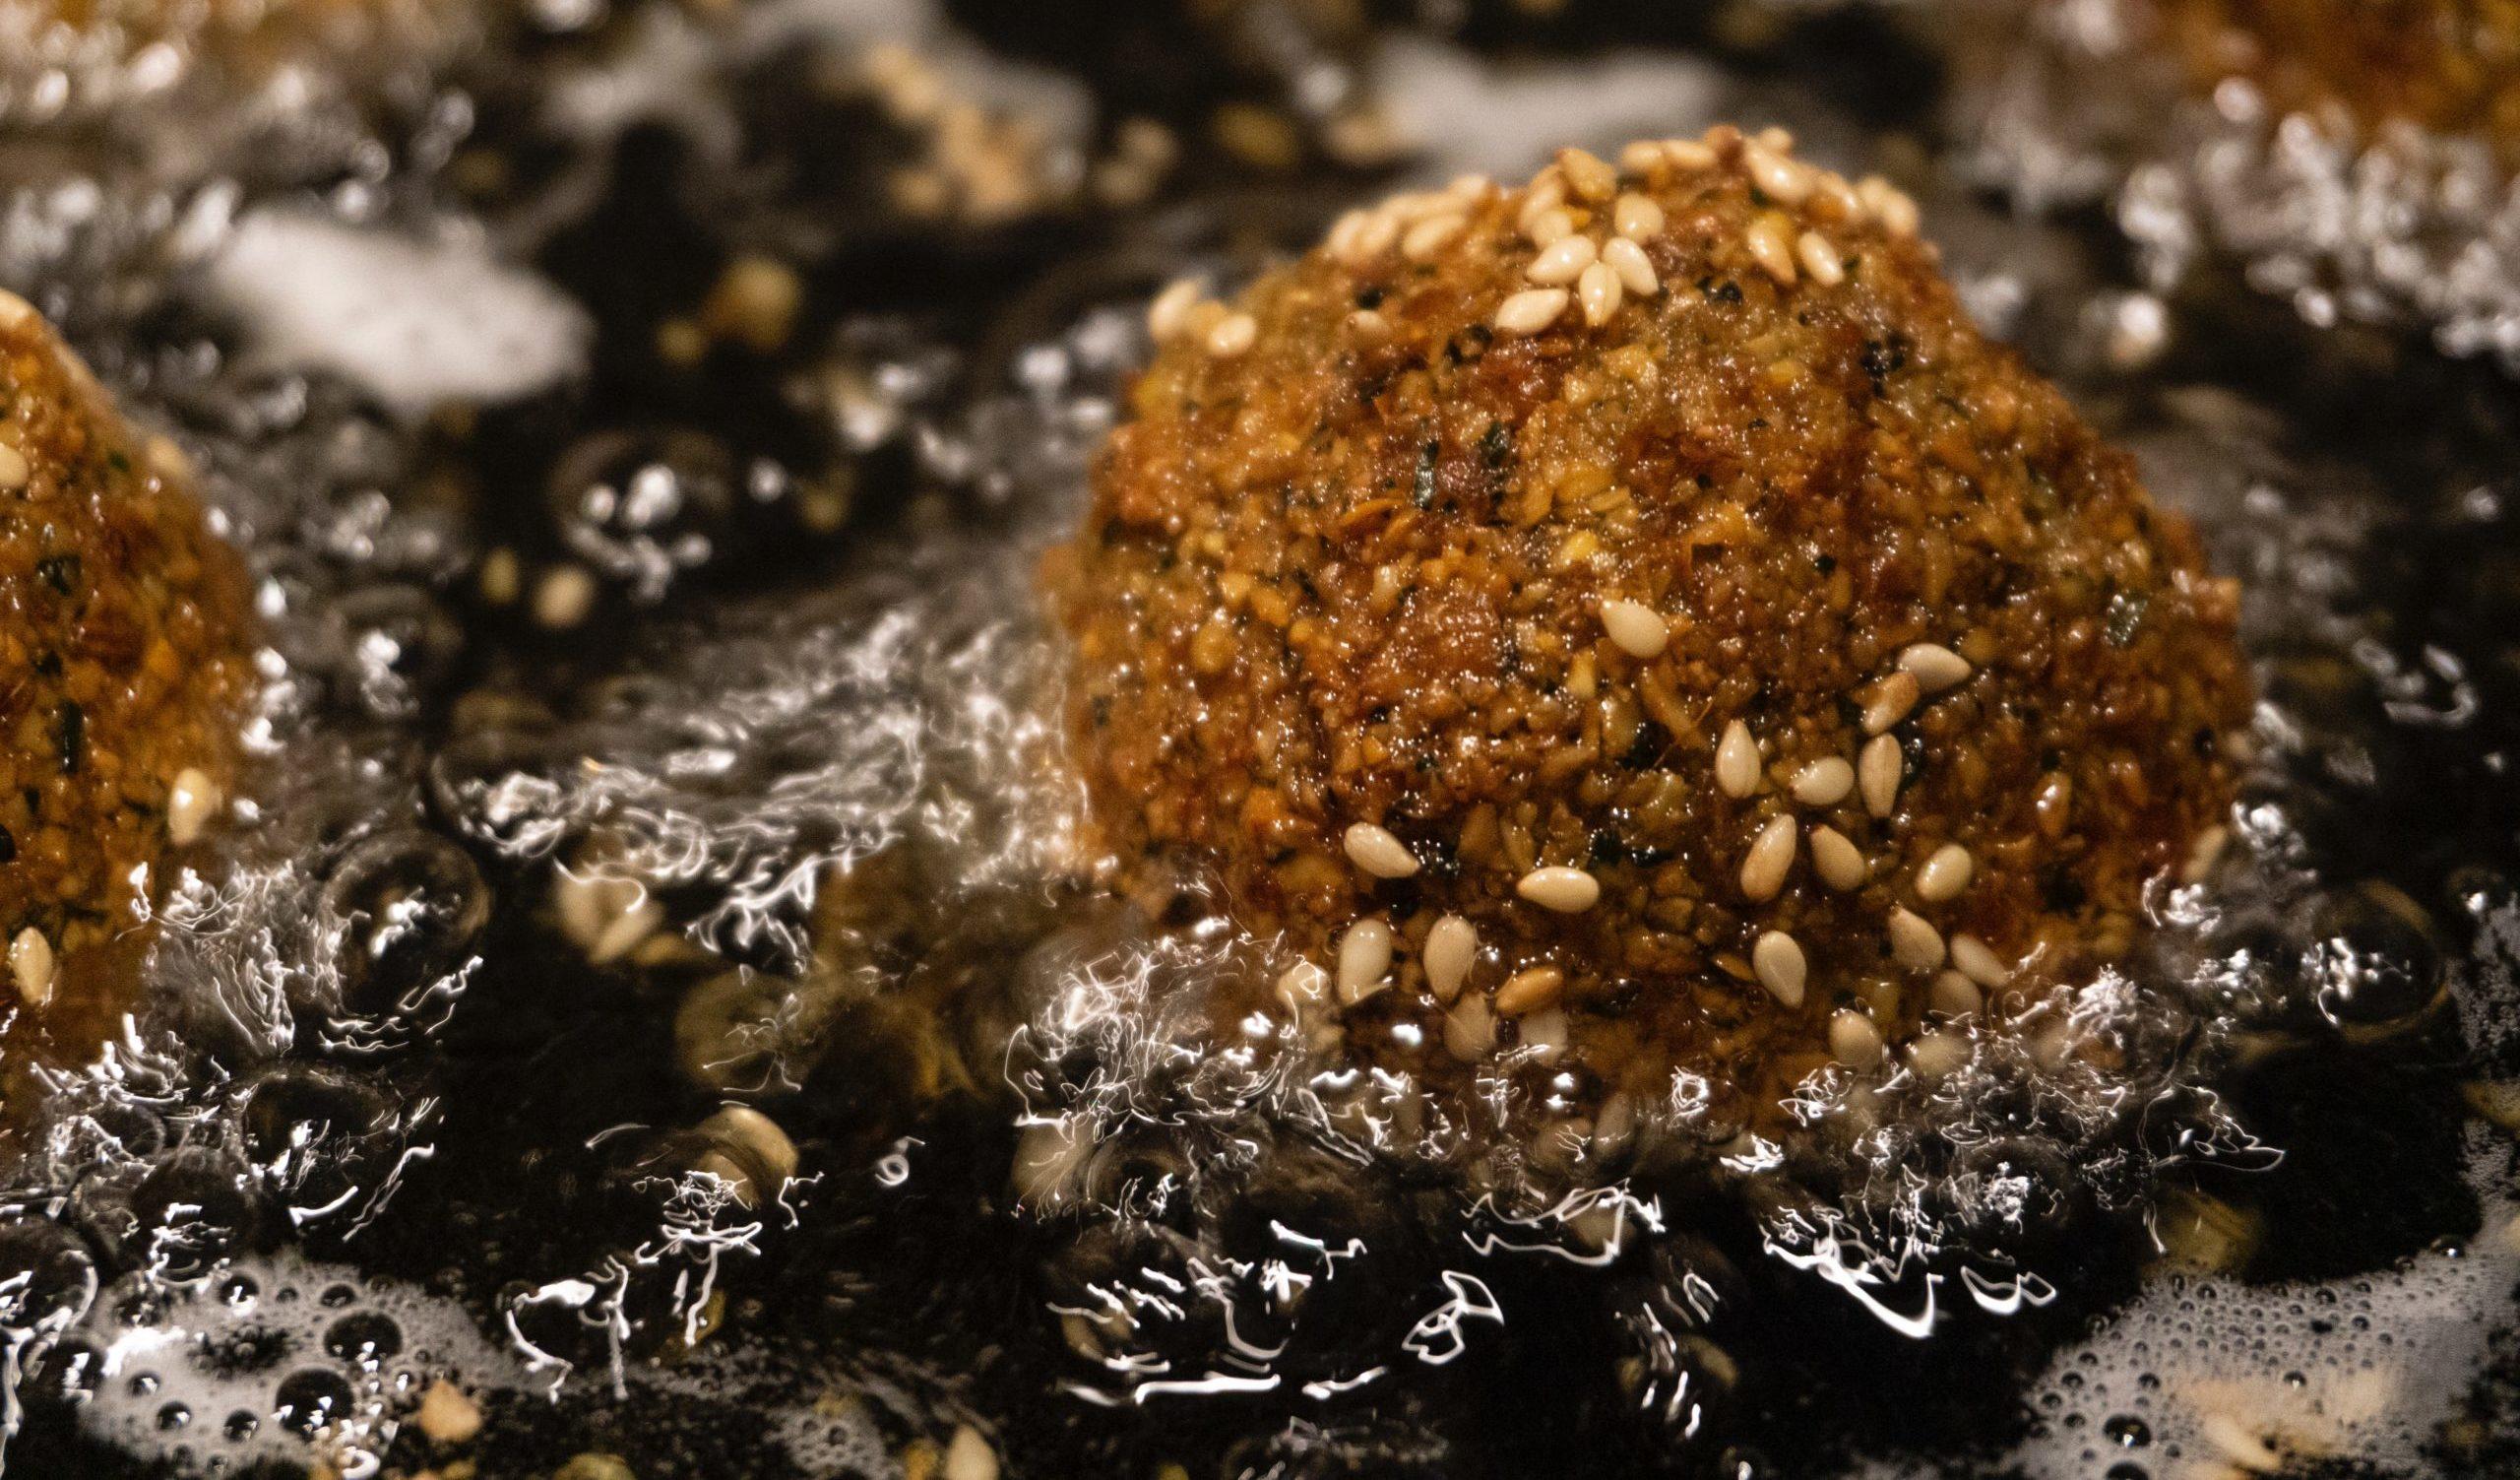 Falafel werden in industriell-raffiniertem Pflanzenöl frittiert, was diese Lebensmittel mit Omega-6-Fettsäuren oxidiert